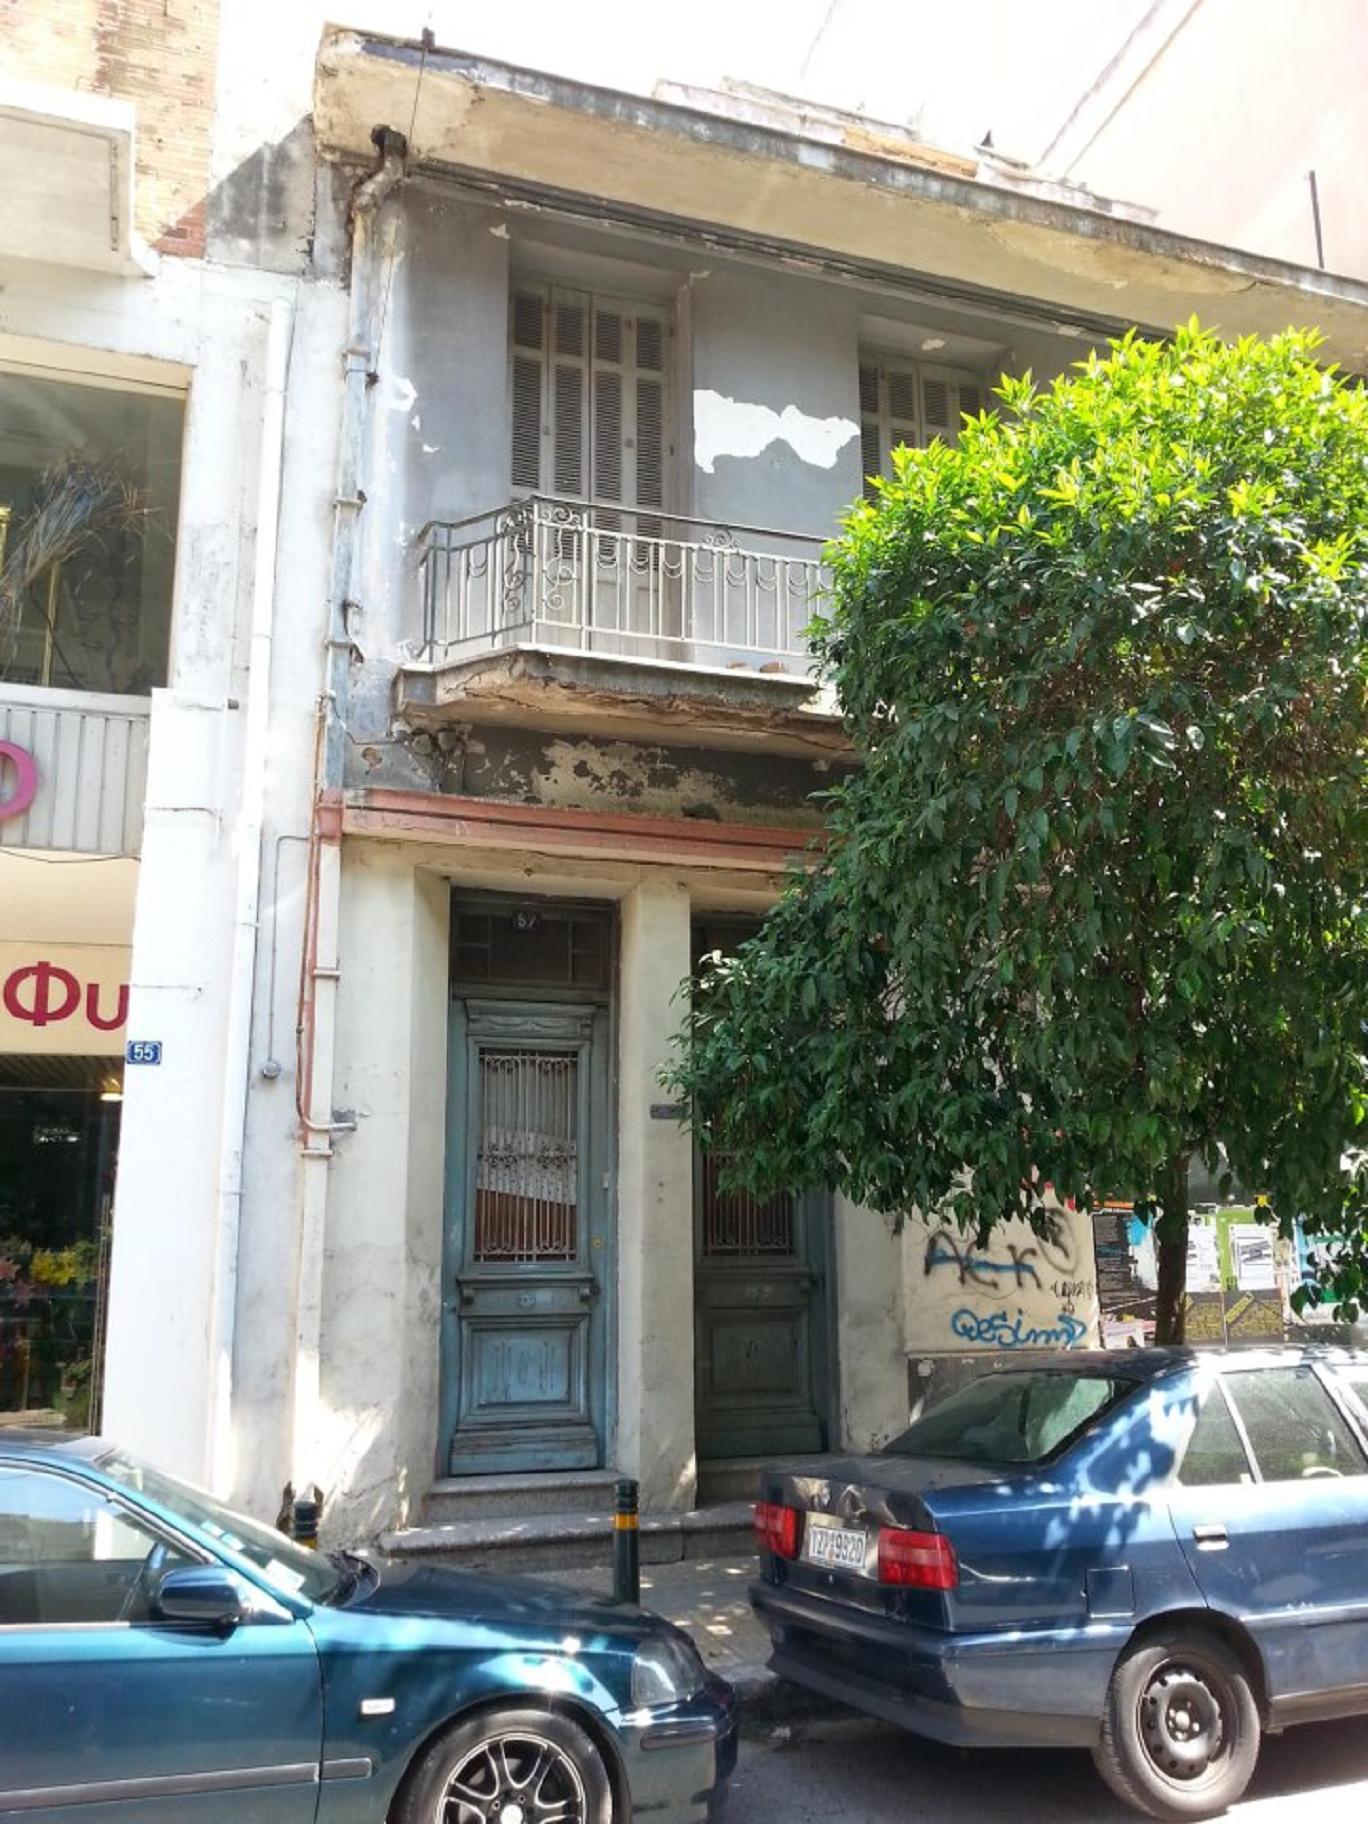 Πλατεία Γαργαρέττας. Τὸ σπίτι τῆς Ἡροῦς Κωνσταντοπούλου.